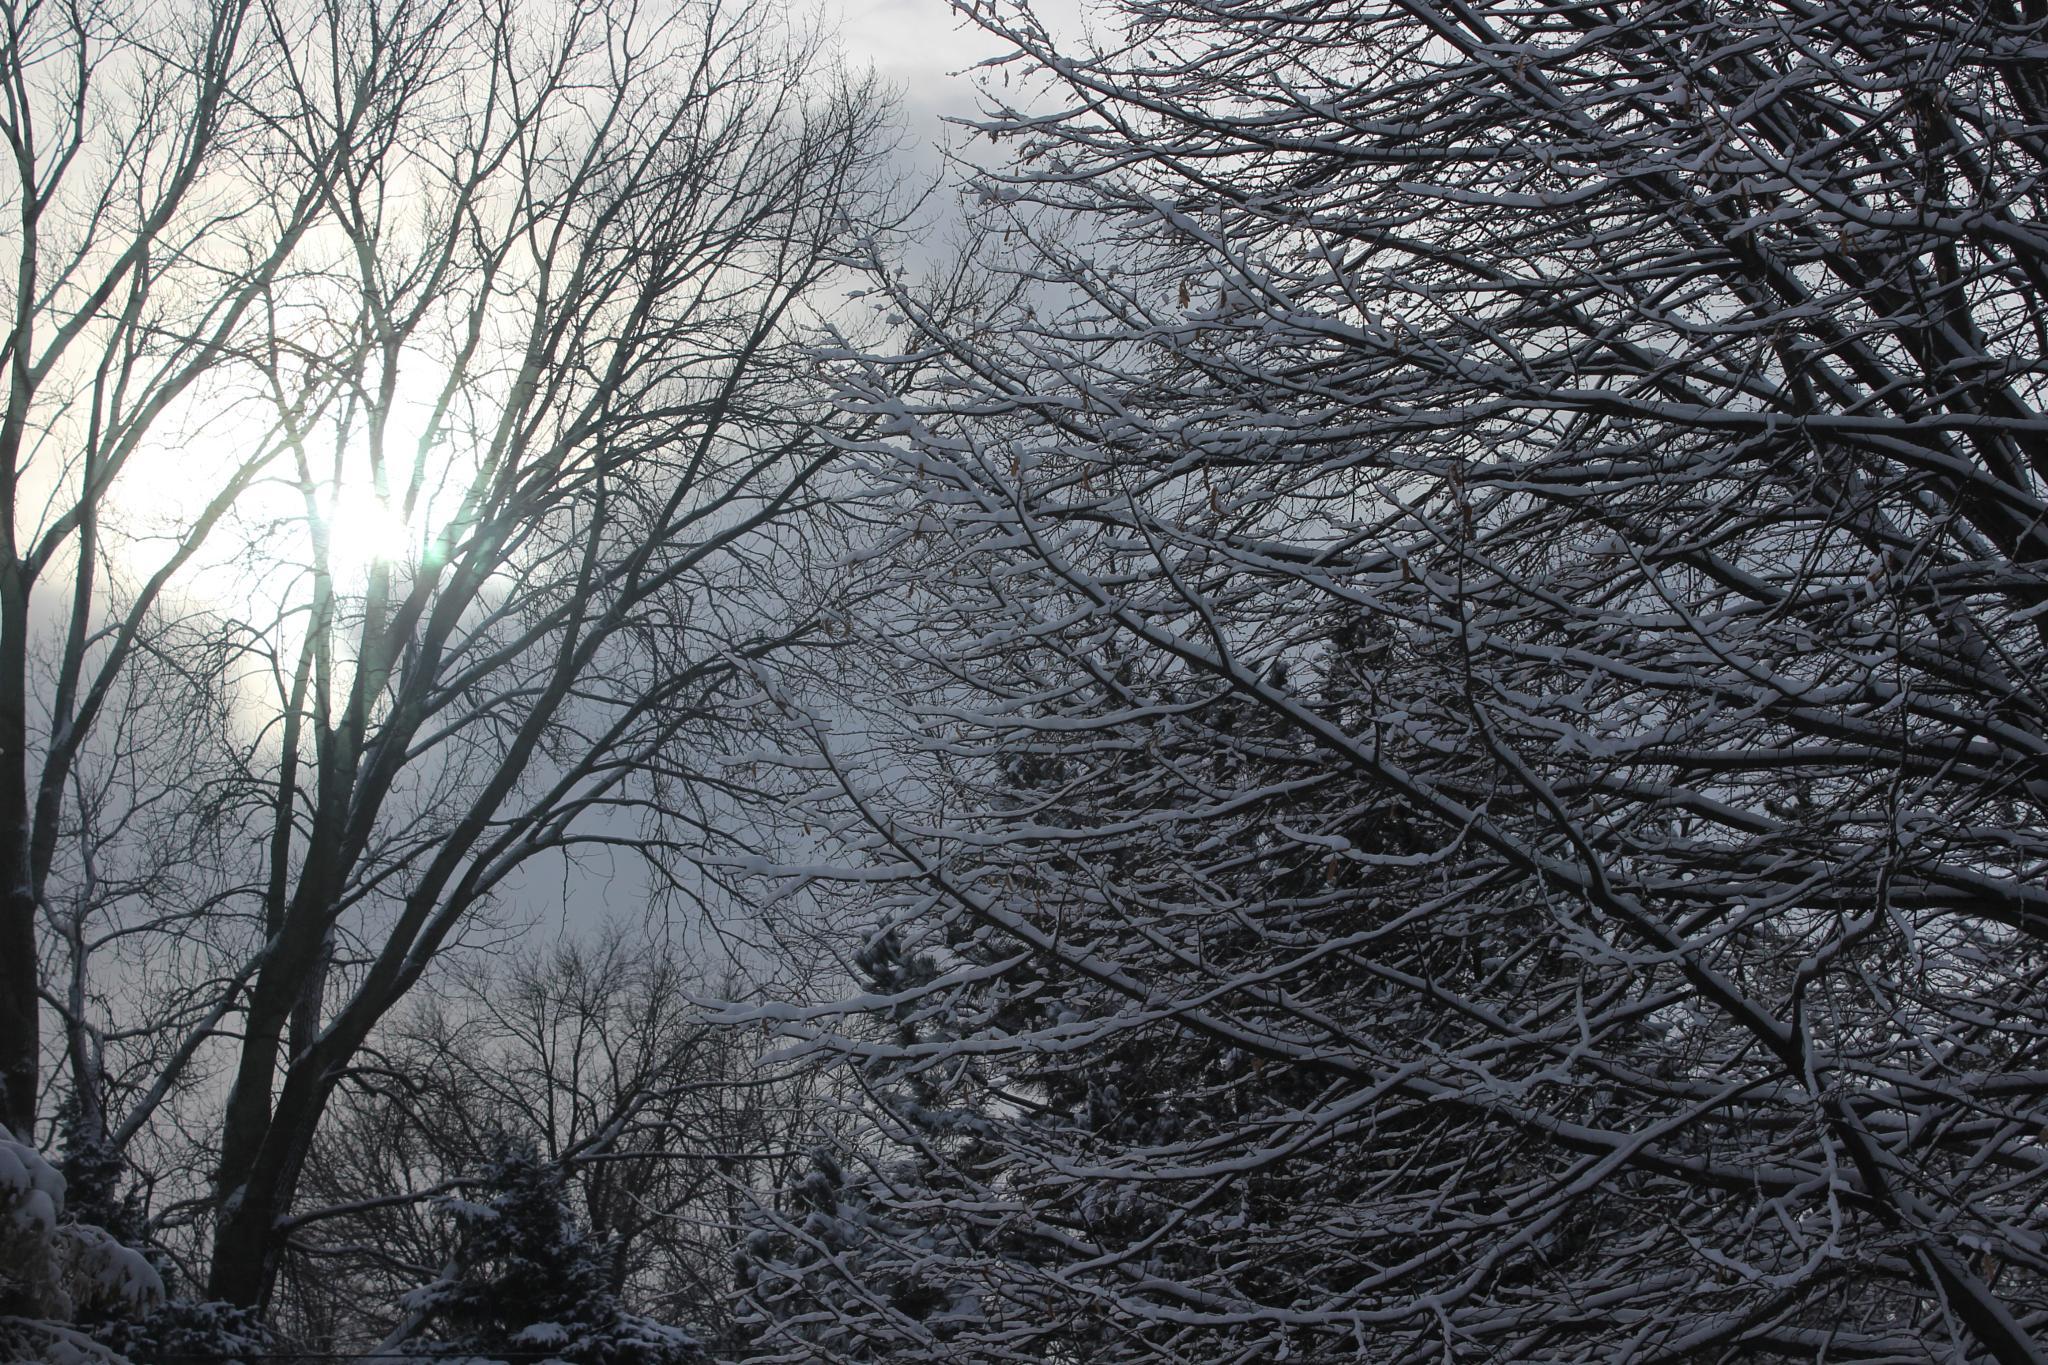 Winter Solice by renee.r.hofmann